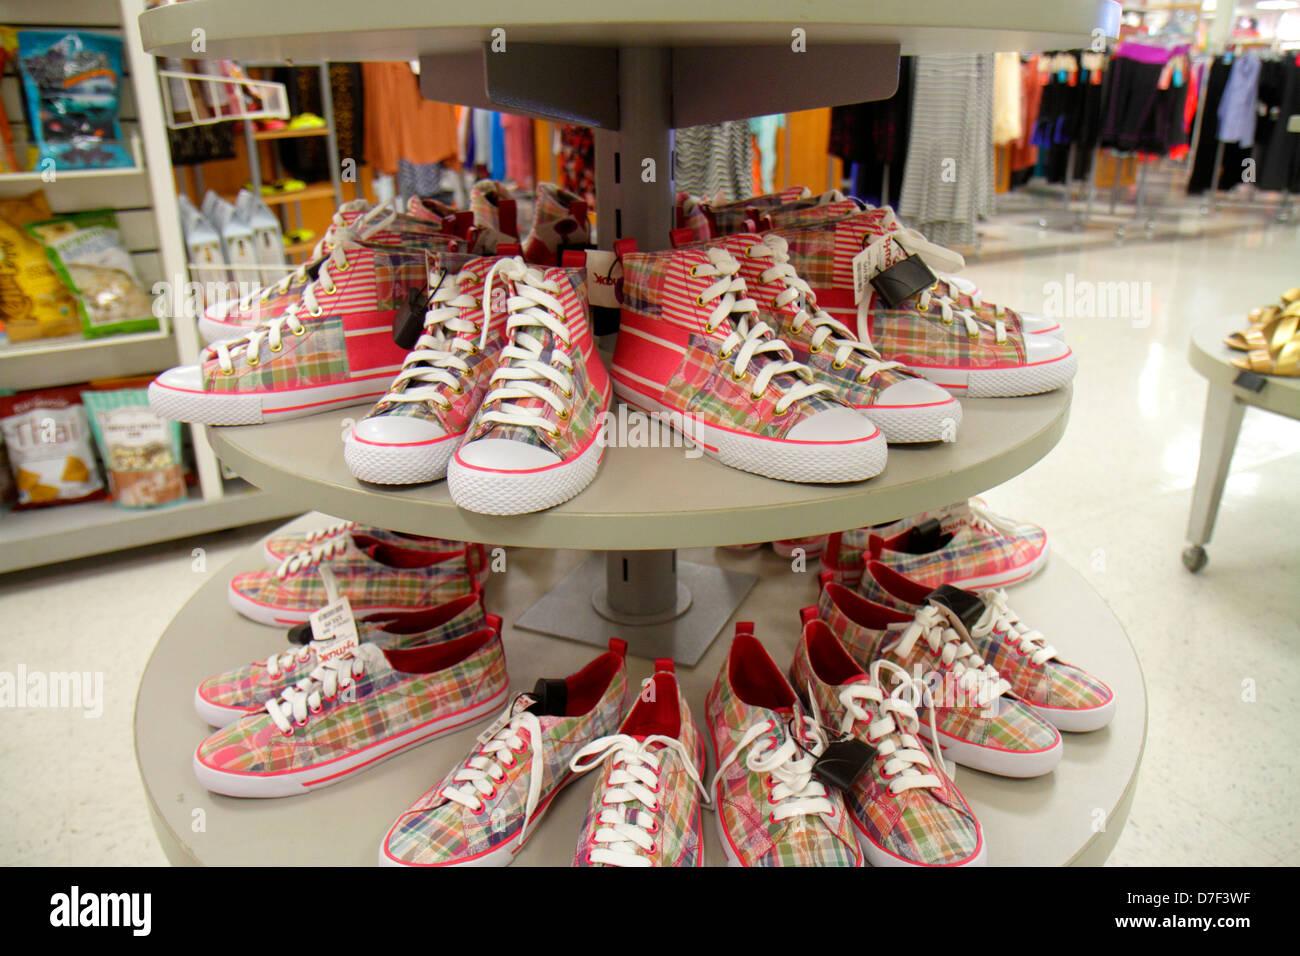 279b6e06f3eb5 Miami Florida TJ Maxx discount department store di donna sneakers scarpe  display retail per la vendita